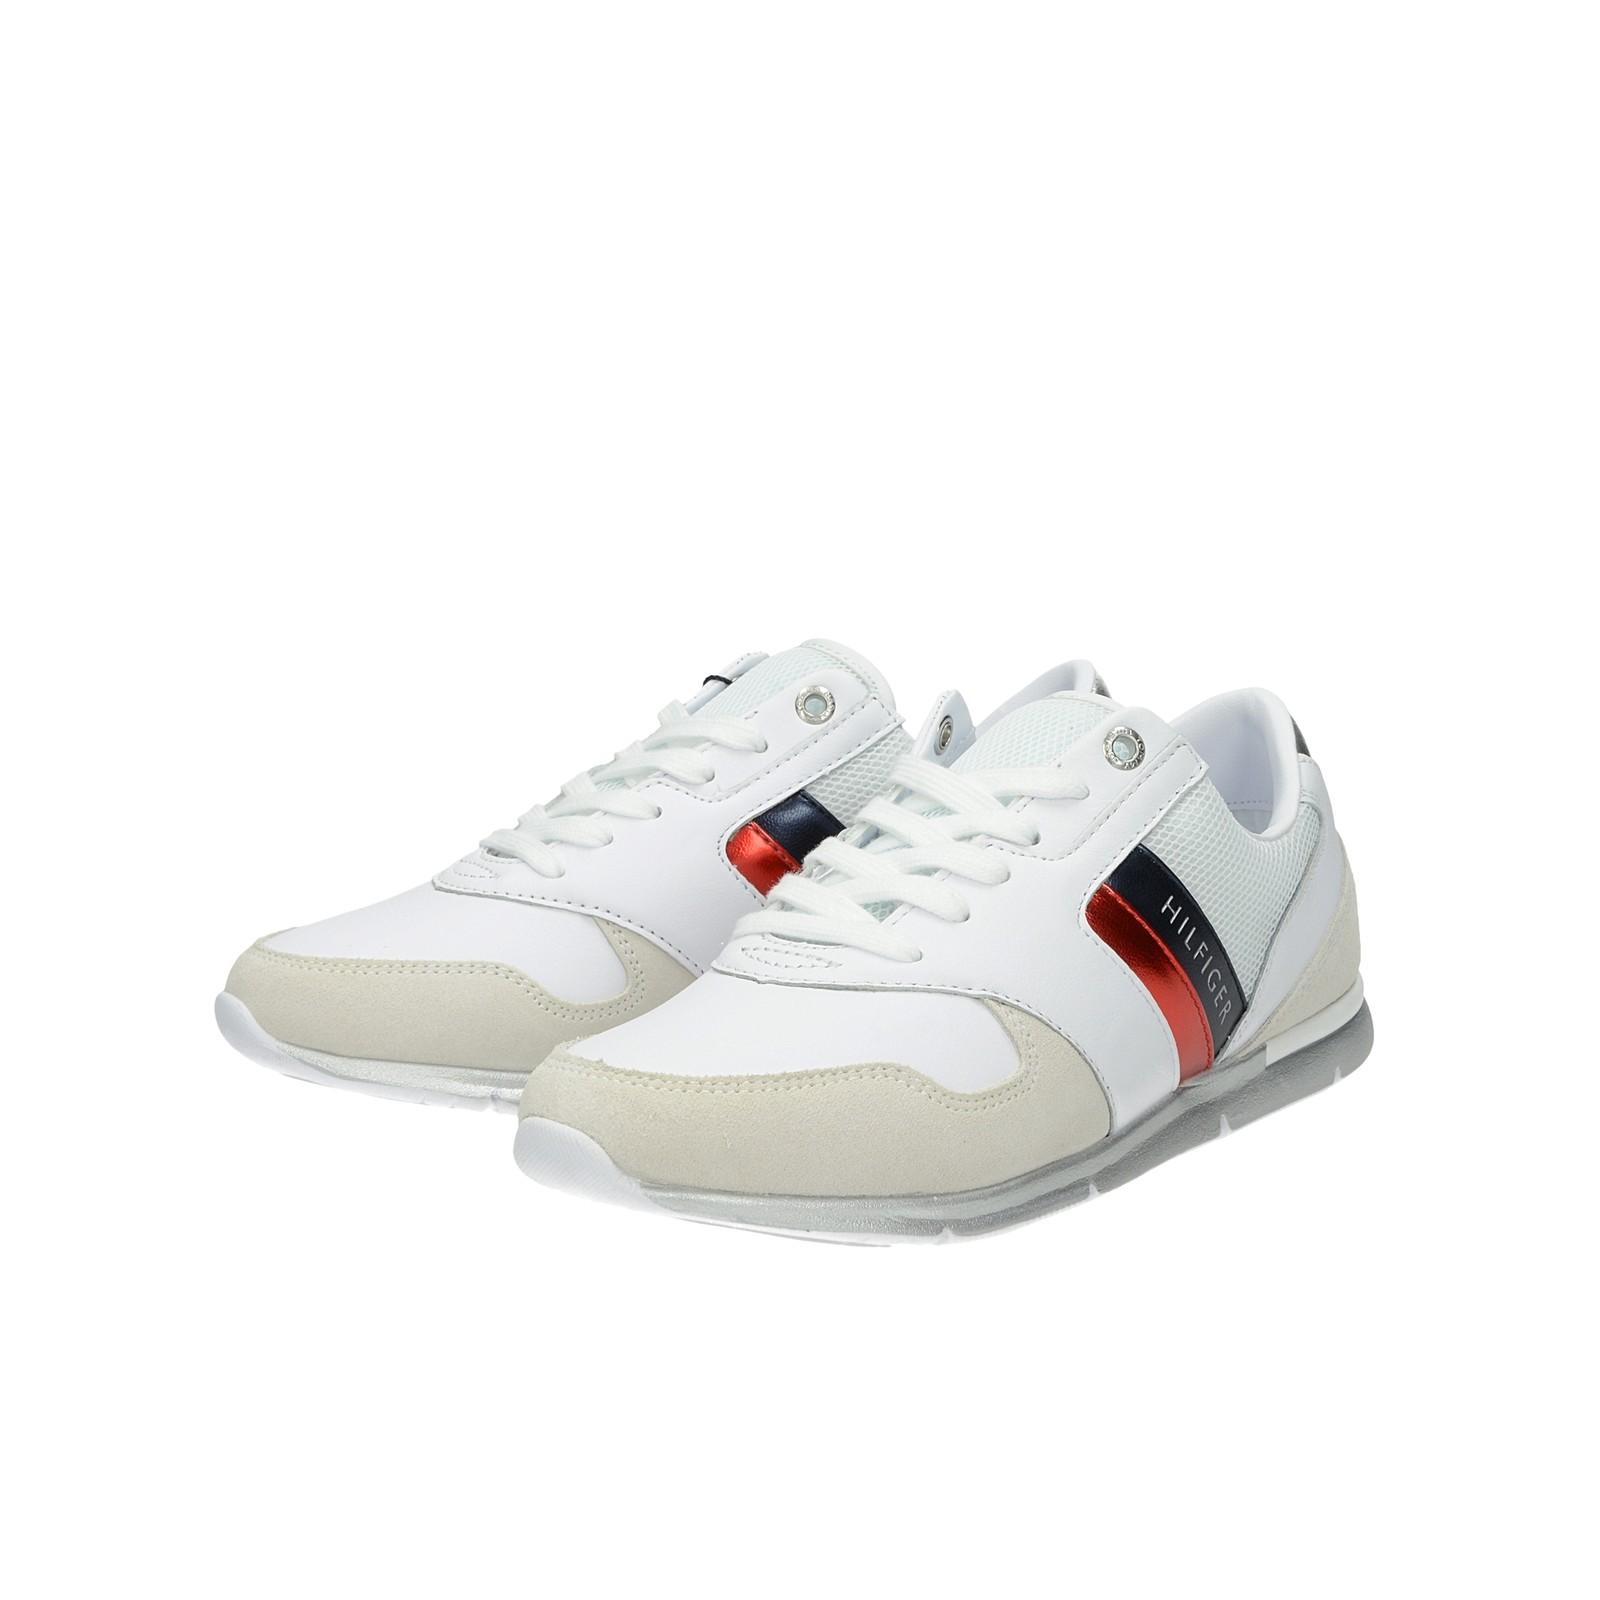 1dfcfd4c05 Tommy Hilfiger dámske štýlové tenisky - biele ...